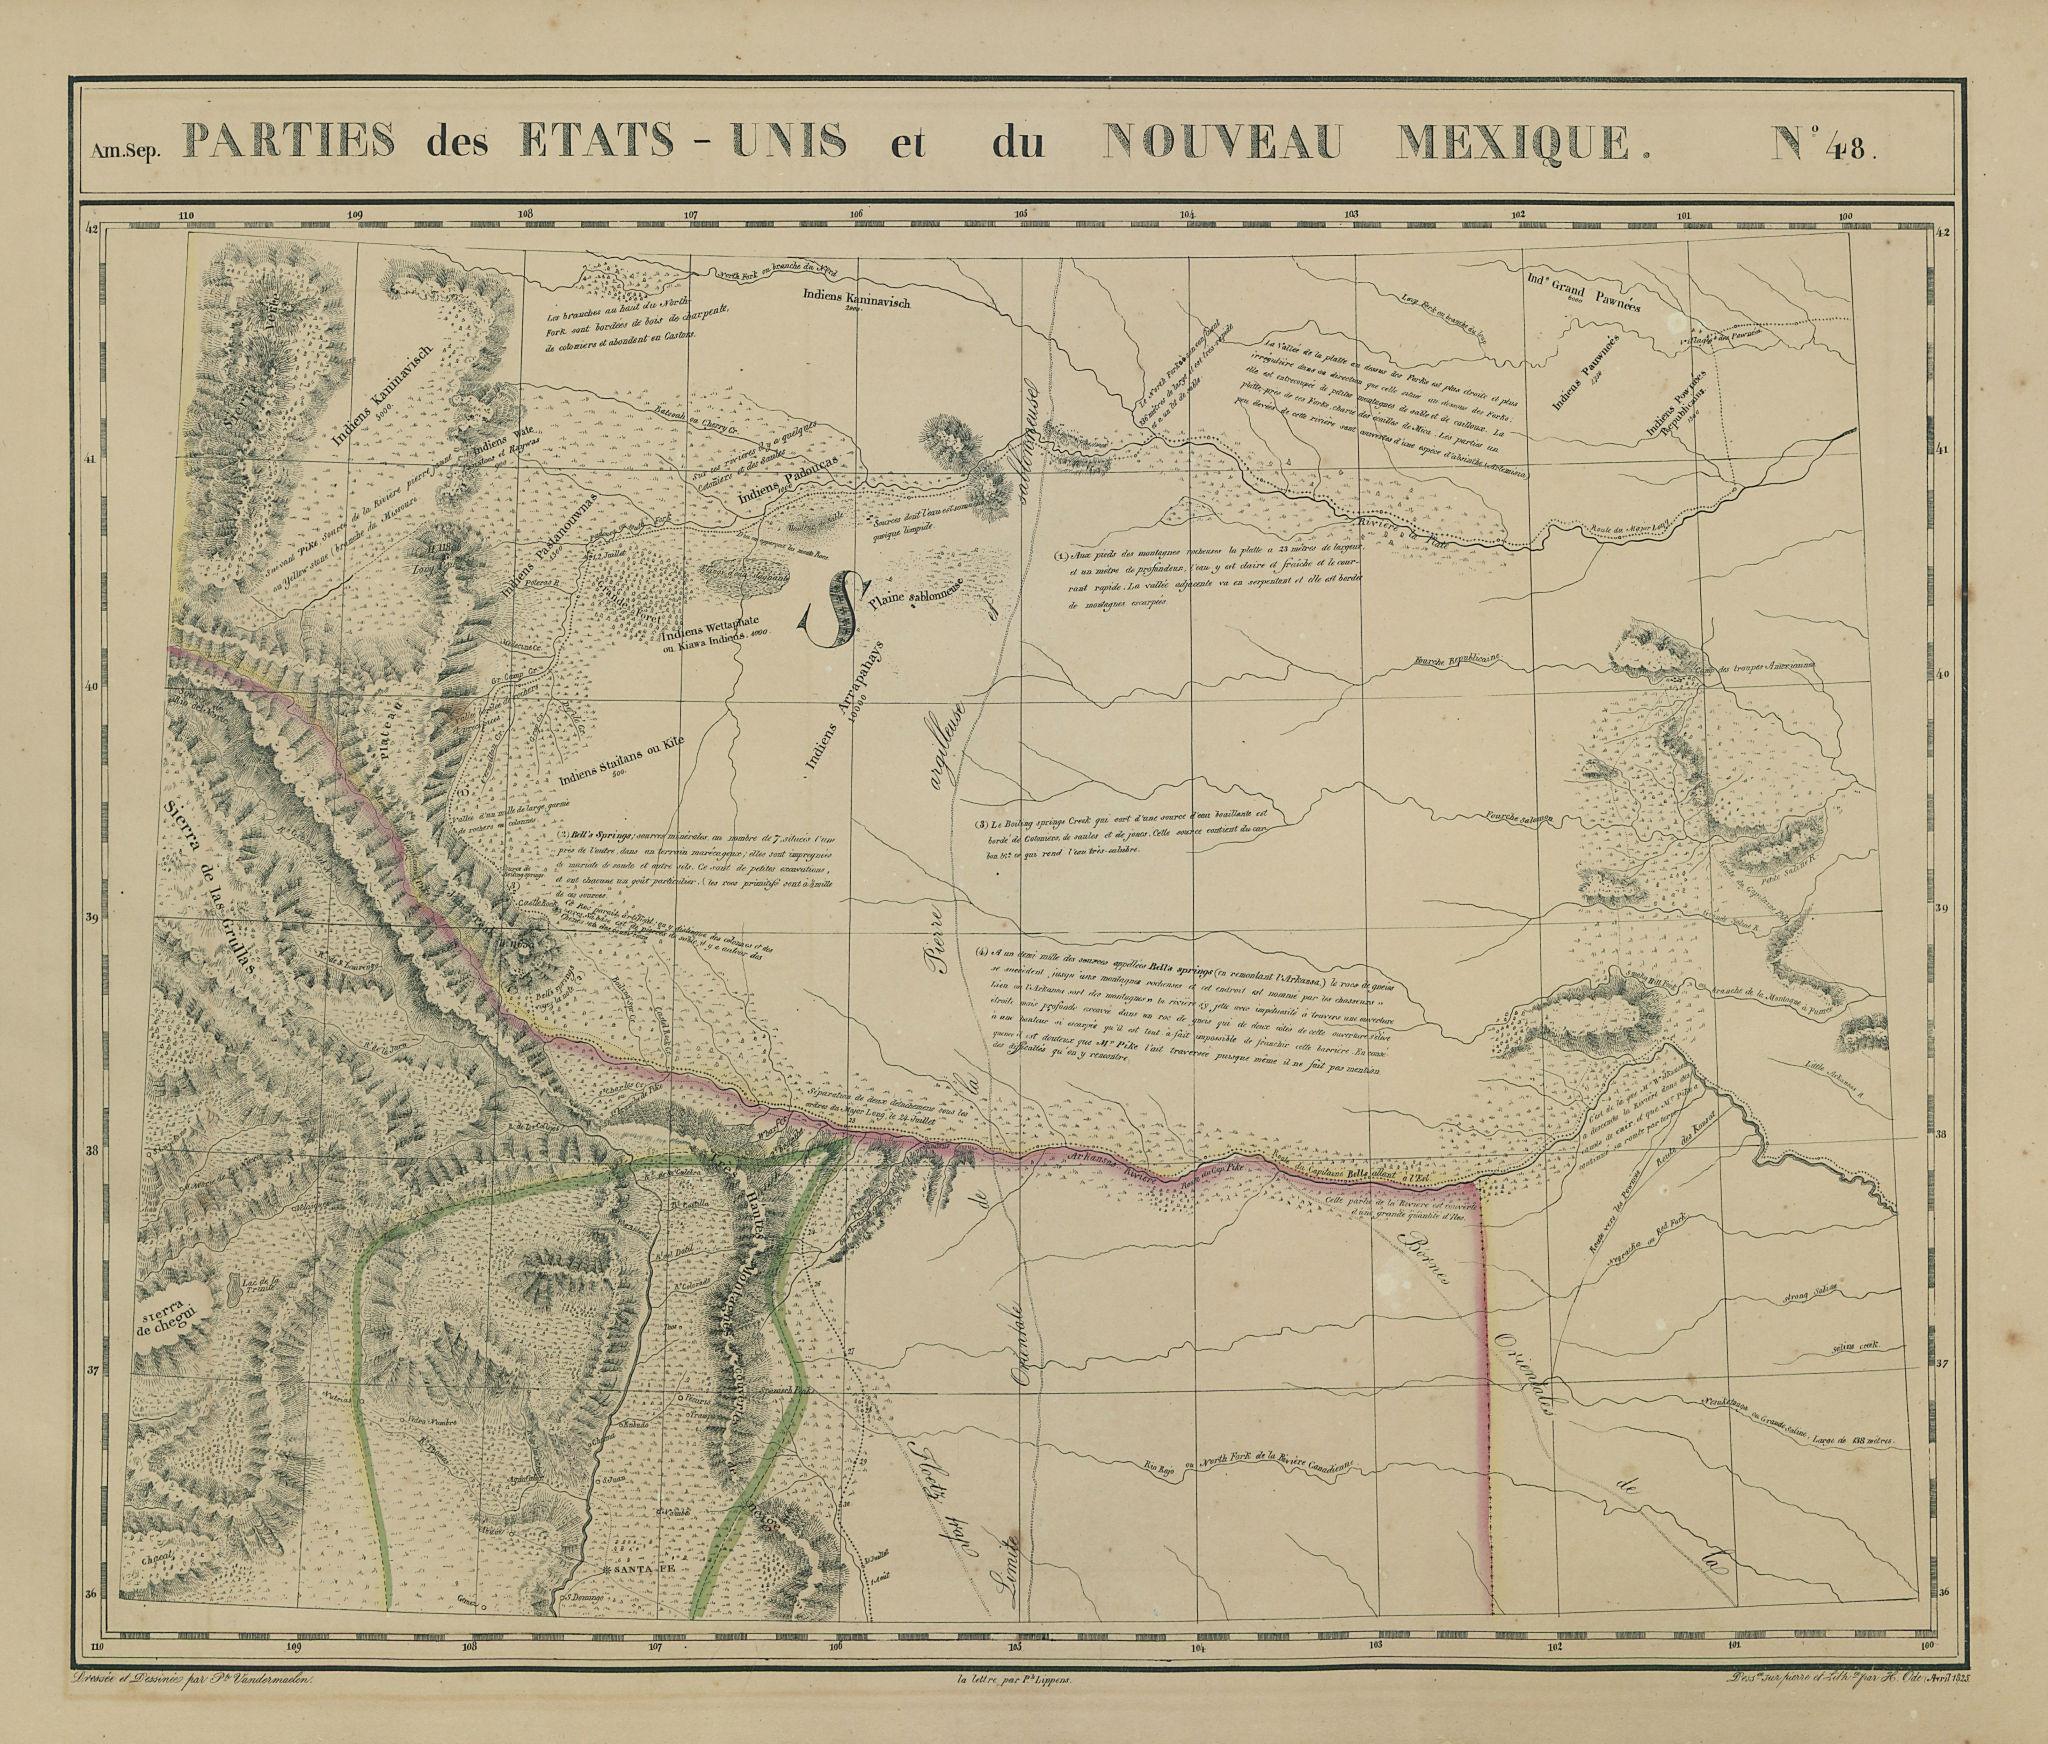 Amér Sep Parties… États-Unis & Nouveau Mexique 48 Colorado VANDERMAELEN 1827 map